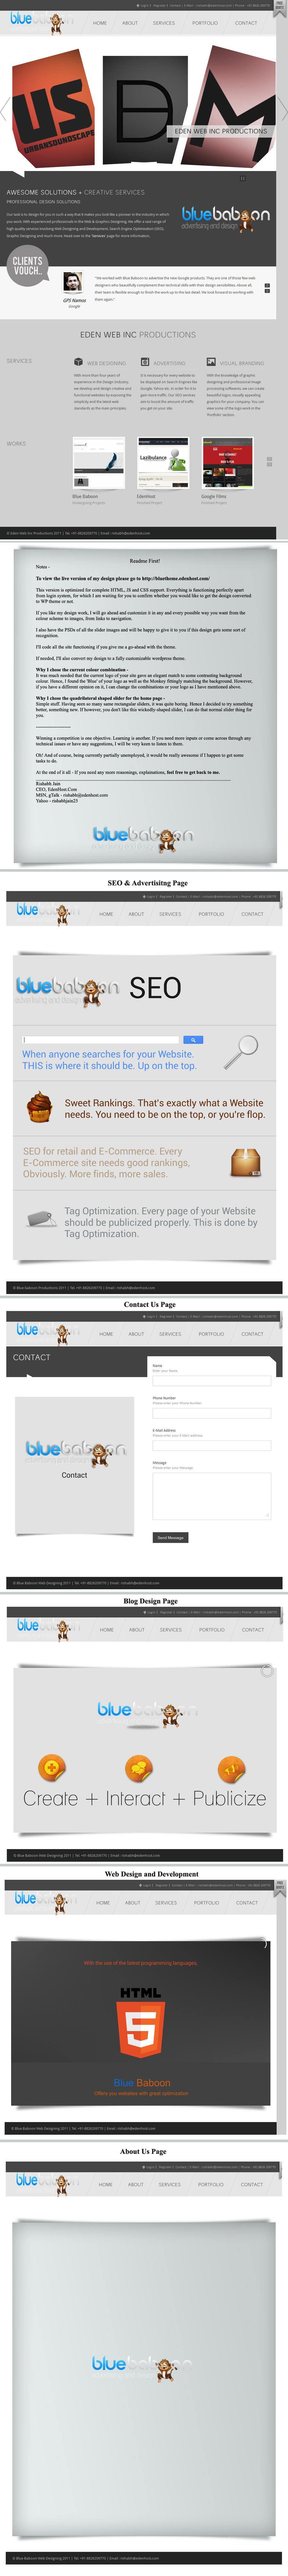 Inscrição nº                                         47                                      do Concurso para                                         Wordpress Theme Design for Blue Baboon Advertising